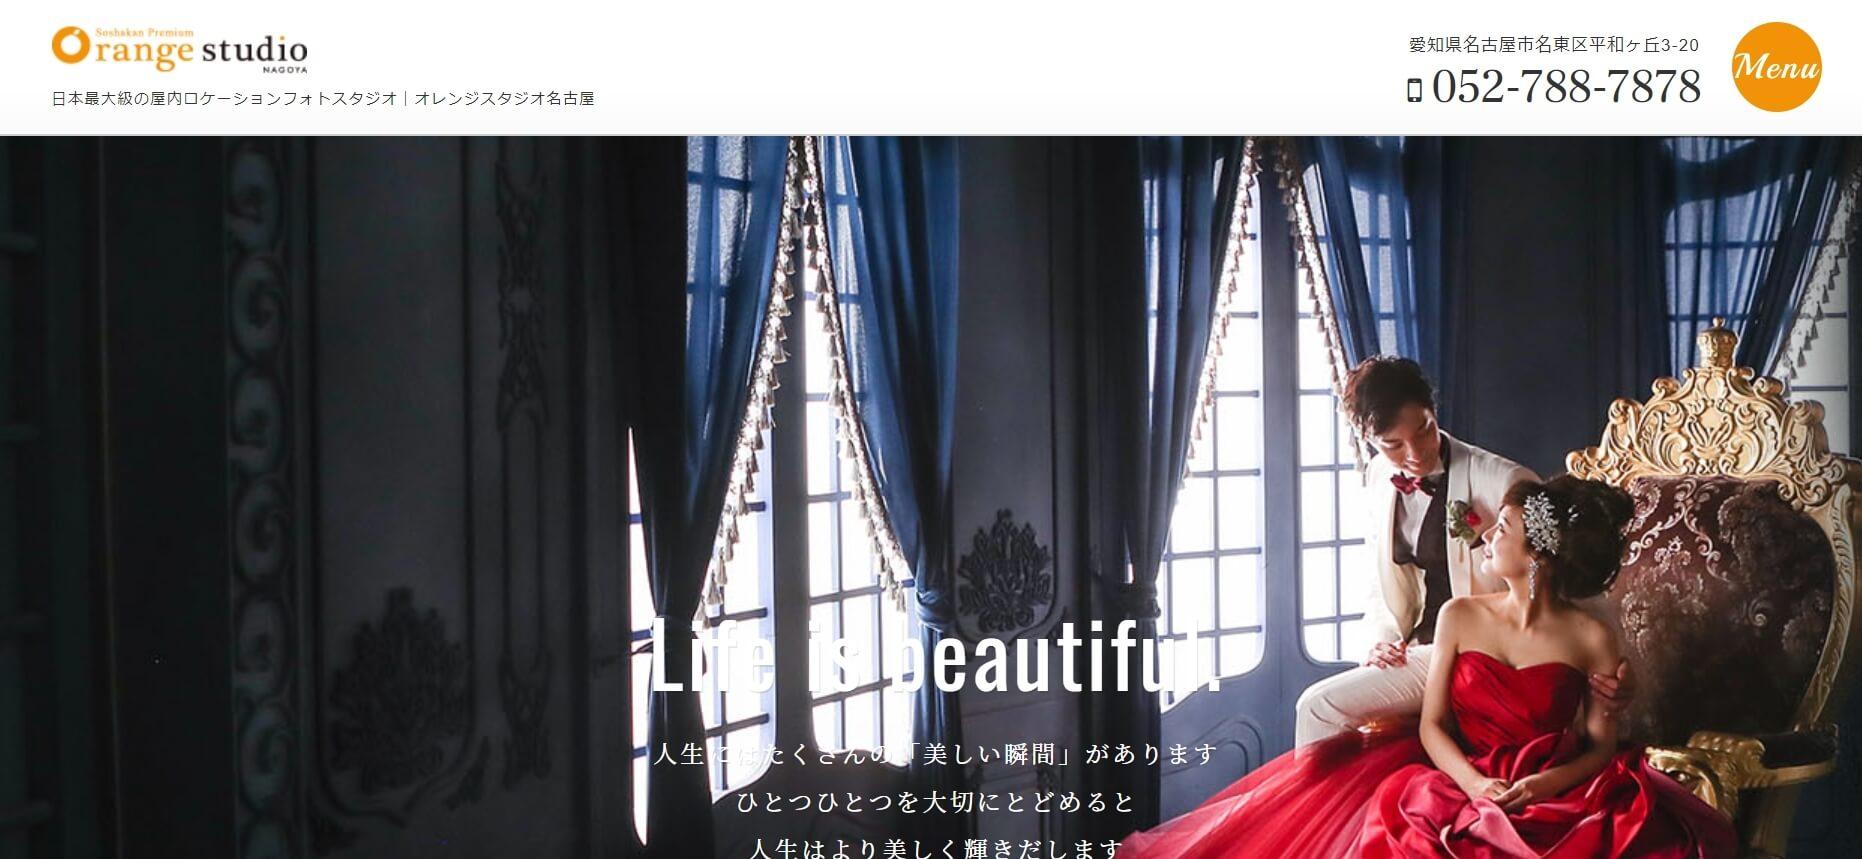 名古屋でおすすめの婚活写真が綺麗に撮れる写真スタジオ12選11